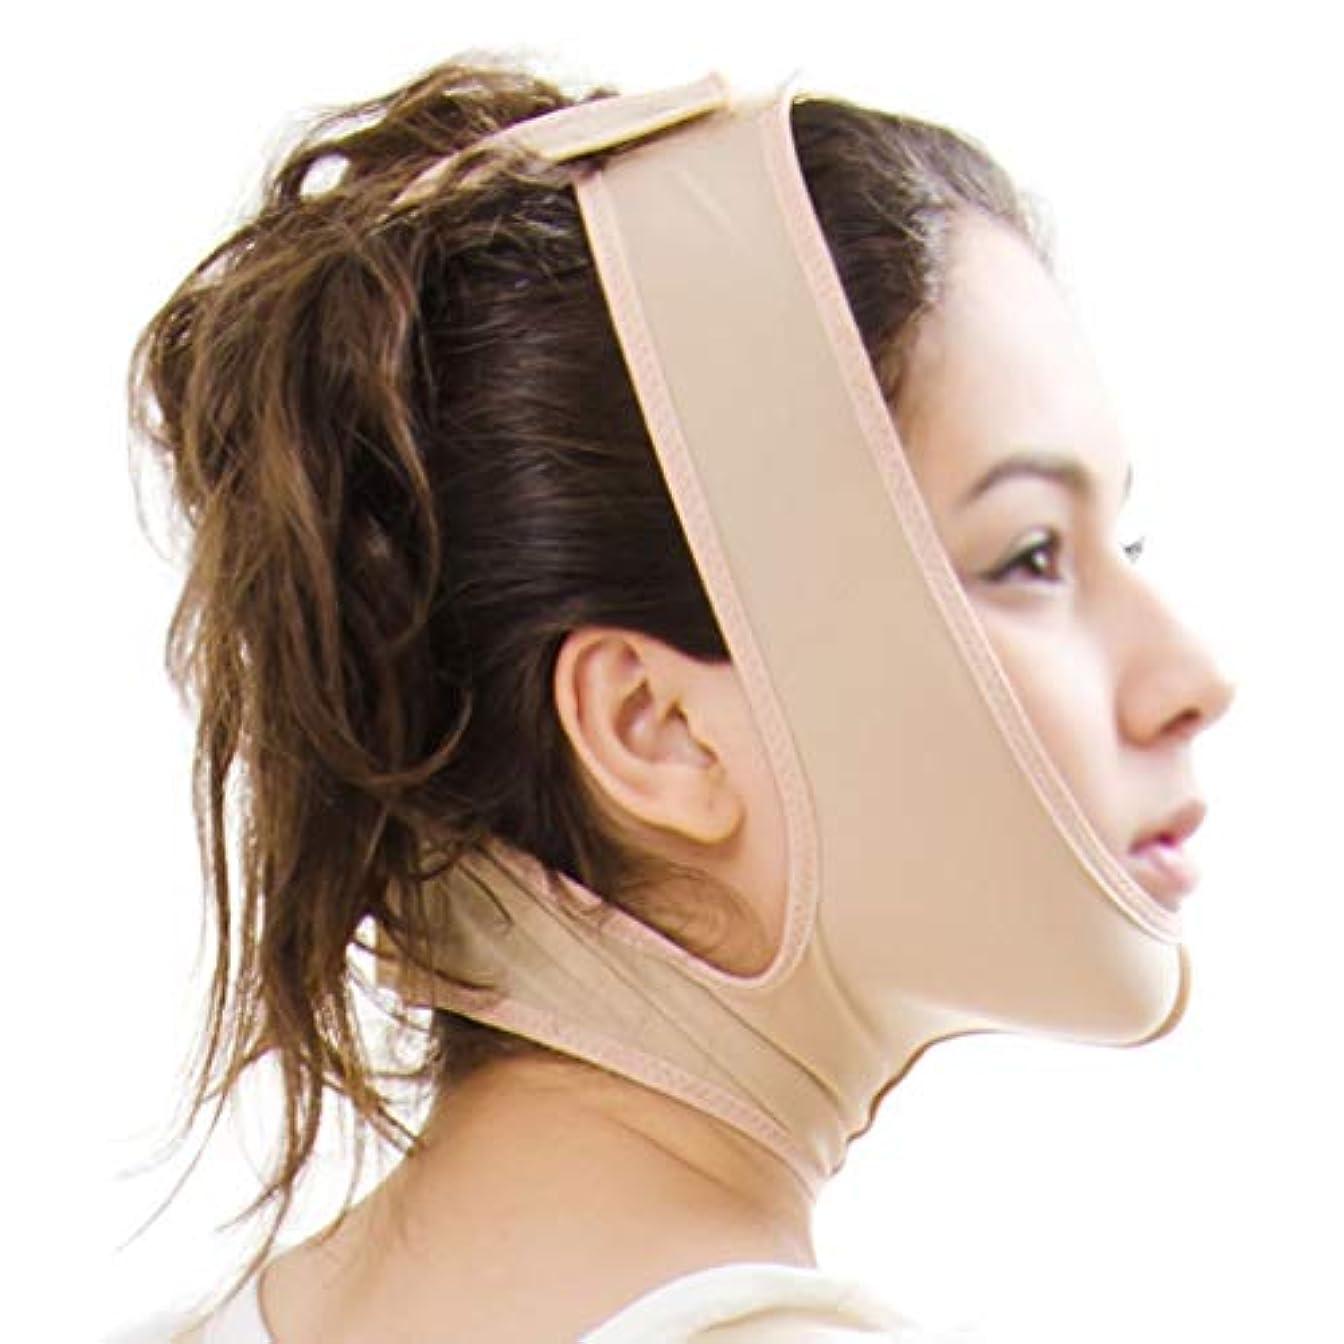 依存する嫌い広告主GLJJQMY 顔面リフティング包帯あごの首と首の二重あごの脂肪吸引術後創傷マスク 顔用整形マスク (Size : S)